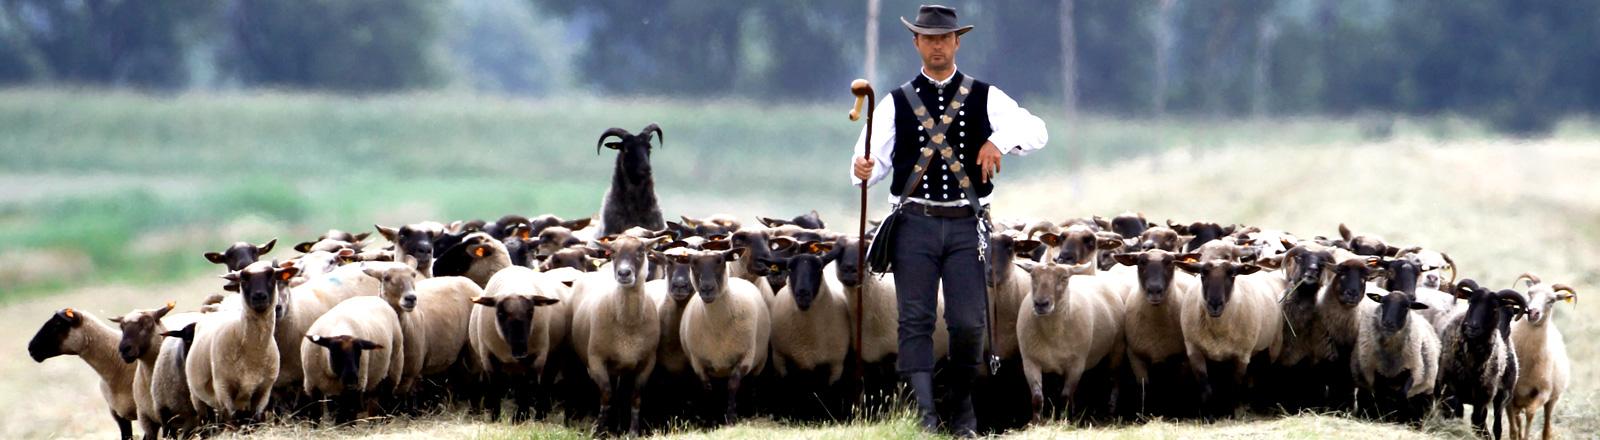 Ein Schäfer steht vor seiner Schafherde